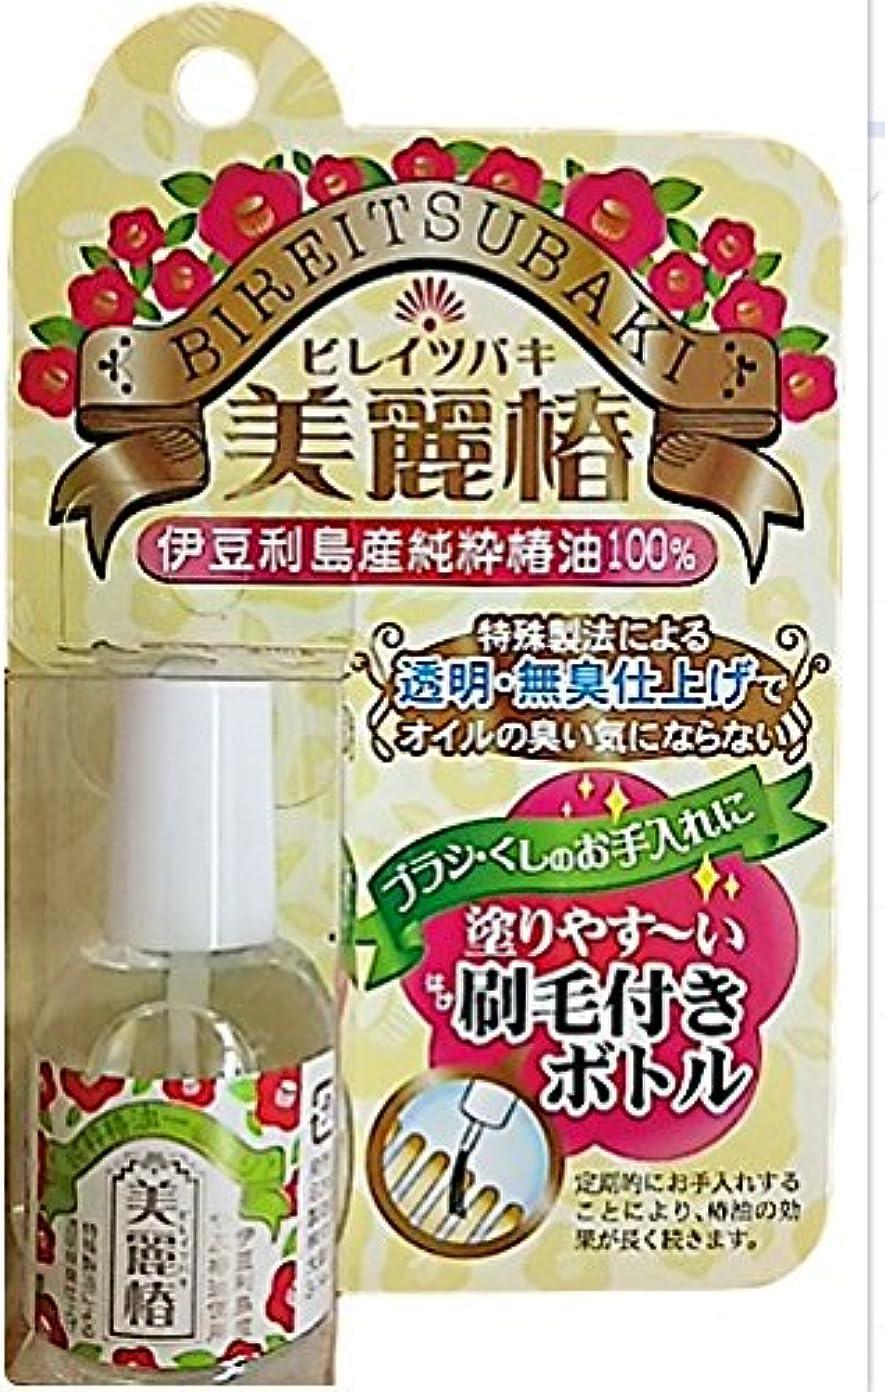 モニカギャザーバナナ美麗椿 ボトル(刷毛付き)10mL